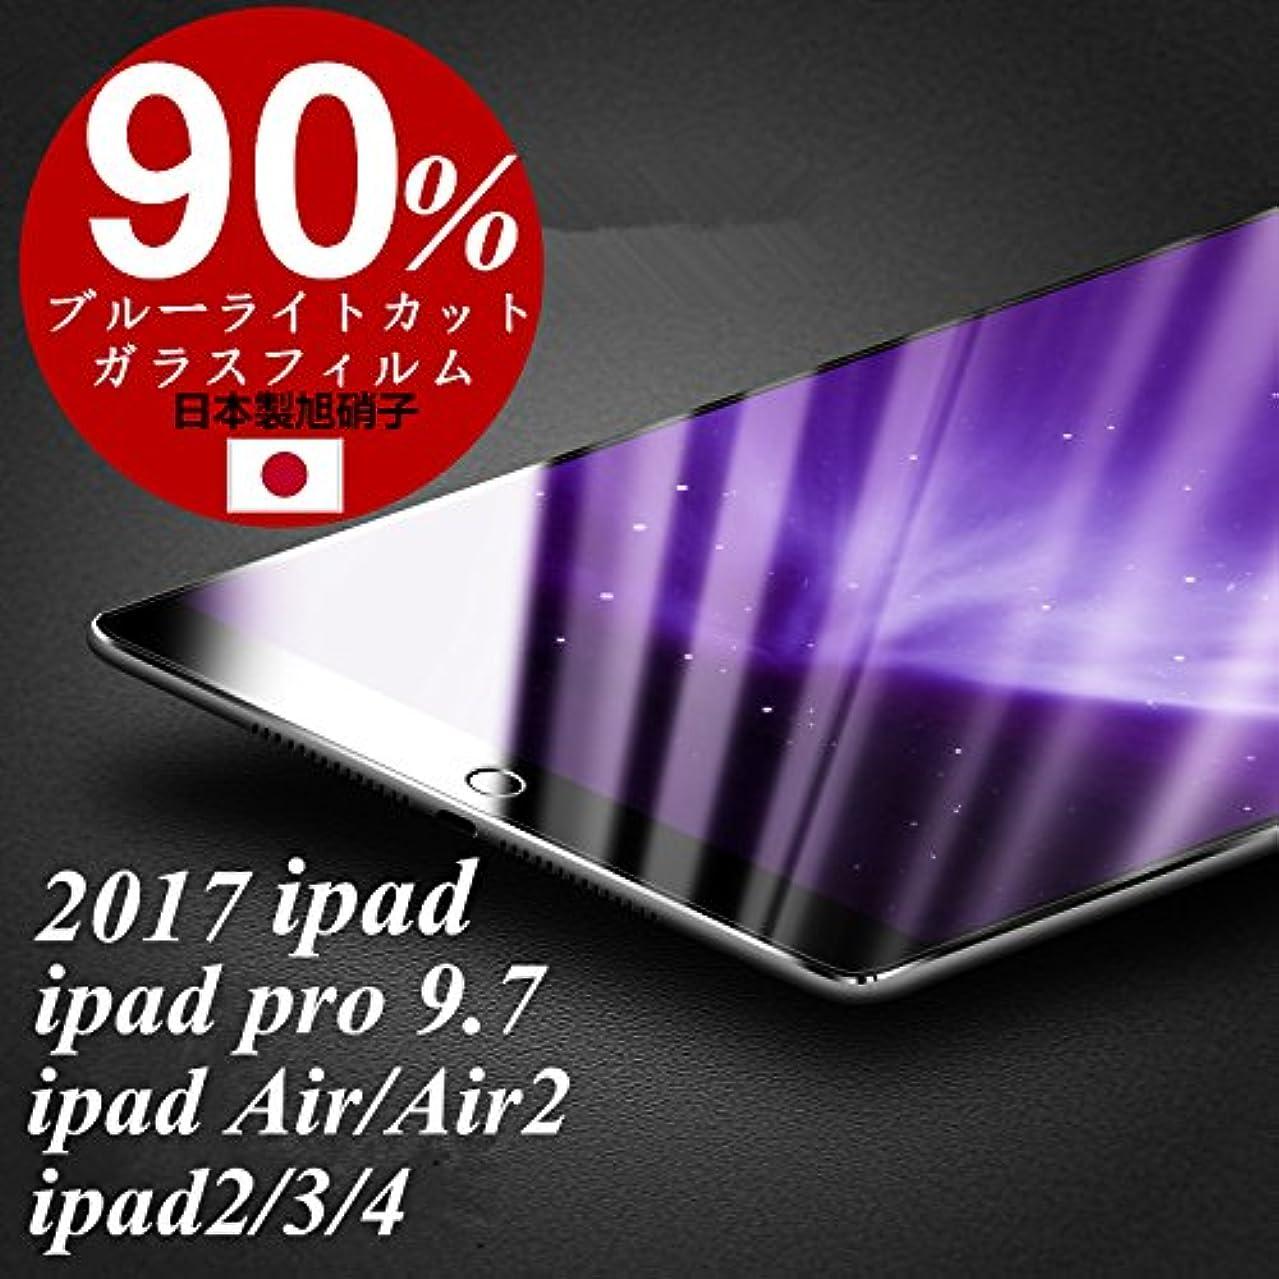 ばかげたジムメモ(ipad pro 9.7インチ)2017新 iPad Pro 9.7インチ/ipad air2/air/ipad2/3/4ブルーライトカットガラスフィルム 強化ガラス保護フィルム IPAD Airガラスフィルム ipad液晶保護フィルム iPad Pro 9.7インチブルーライトカット ipad air2ガラス保護フィルム ipad airガラスフィルム ブルーライトカット